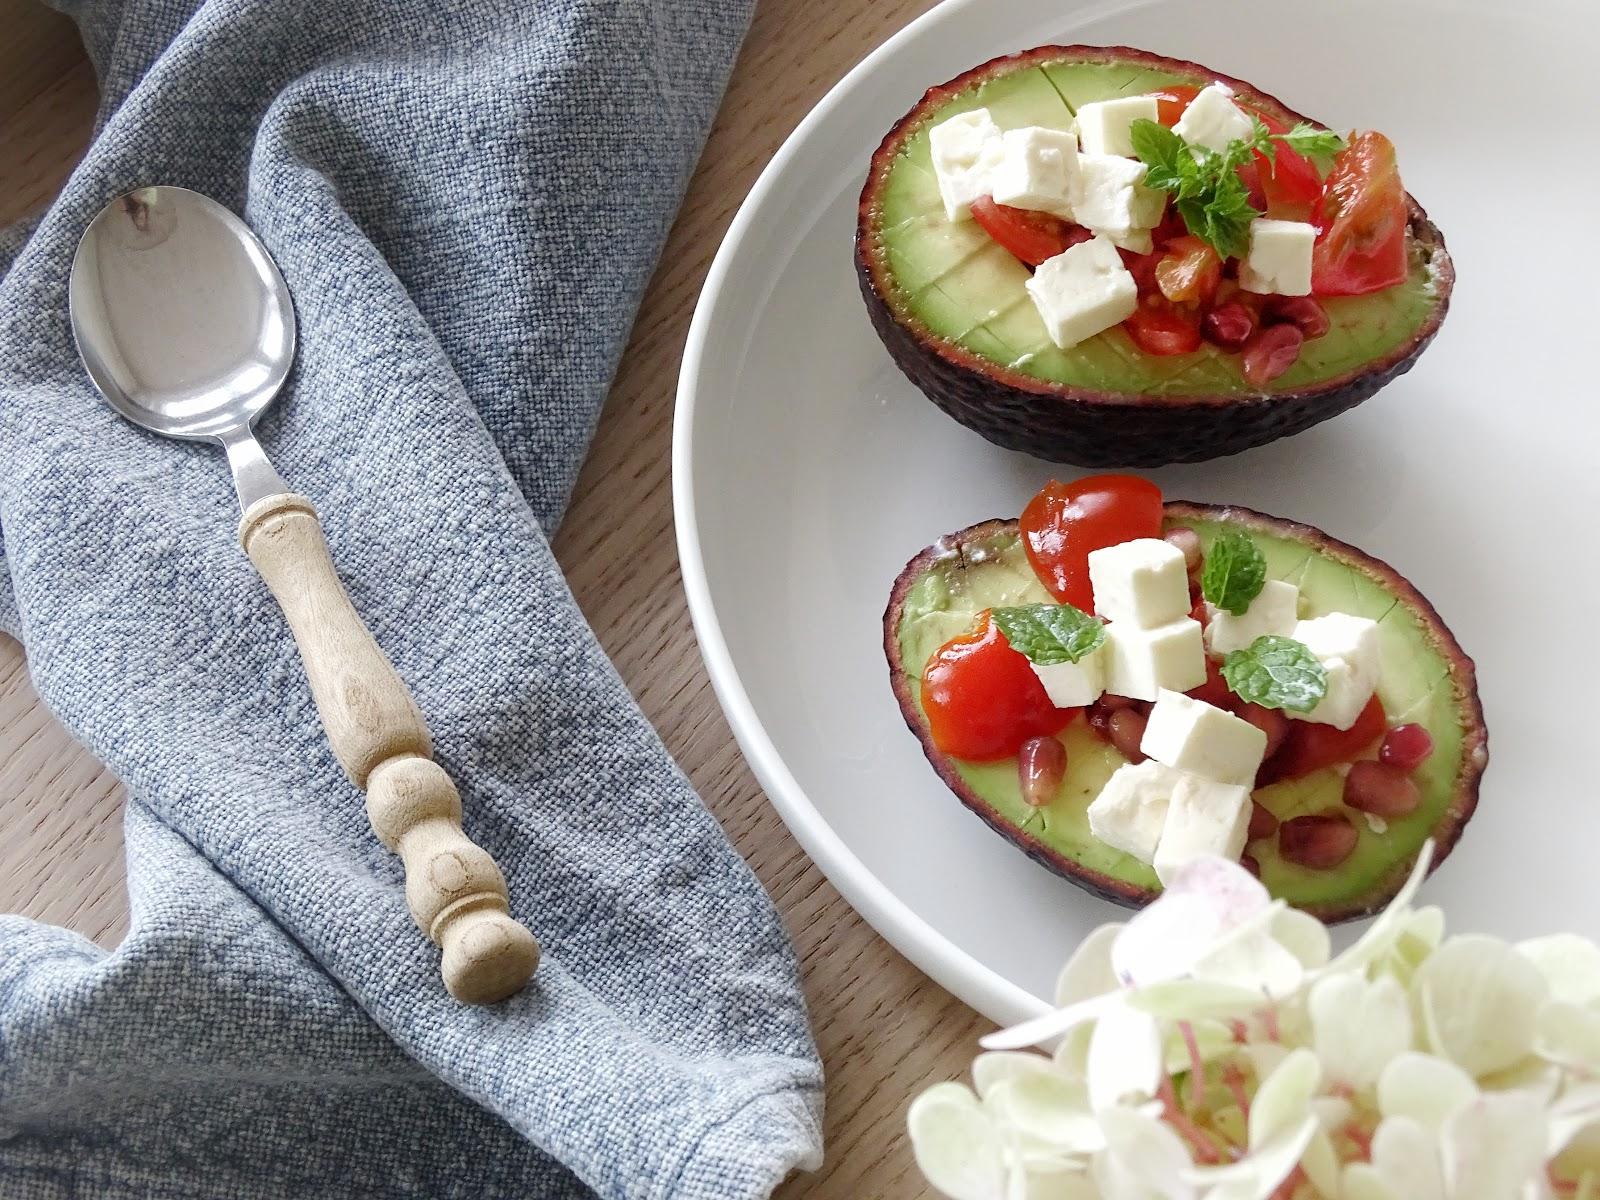 Rezept für Snack in der Avocado mit Granatapfel, Feta und Minze - Fotoaktion #12von12 - http://mammilade.blogspot.de